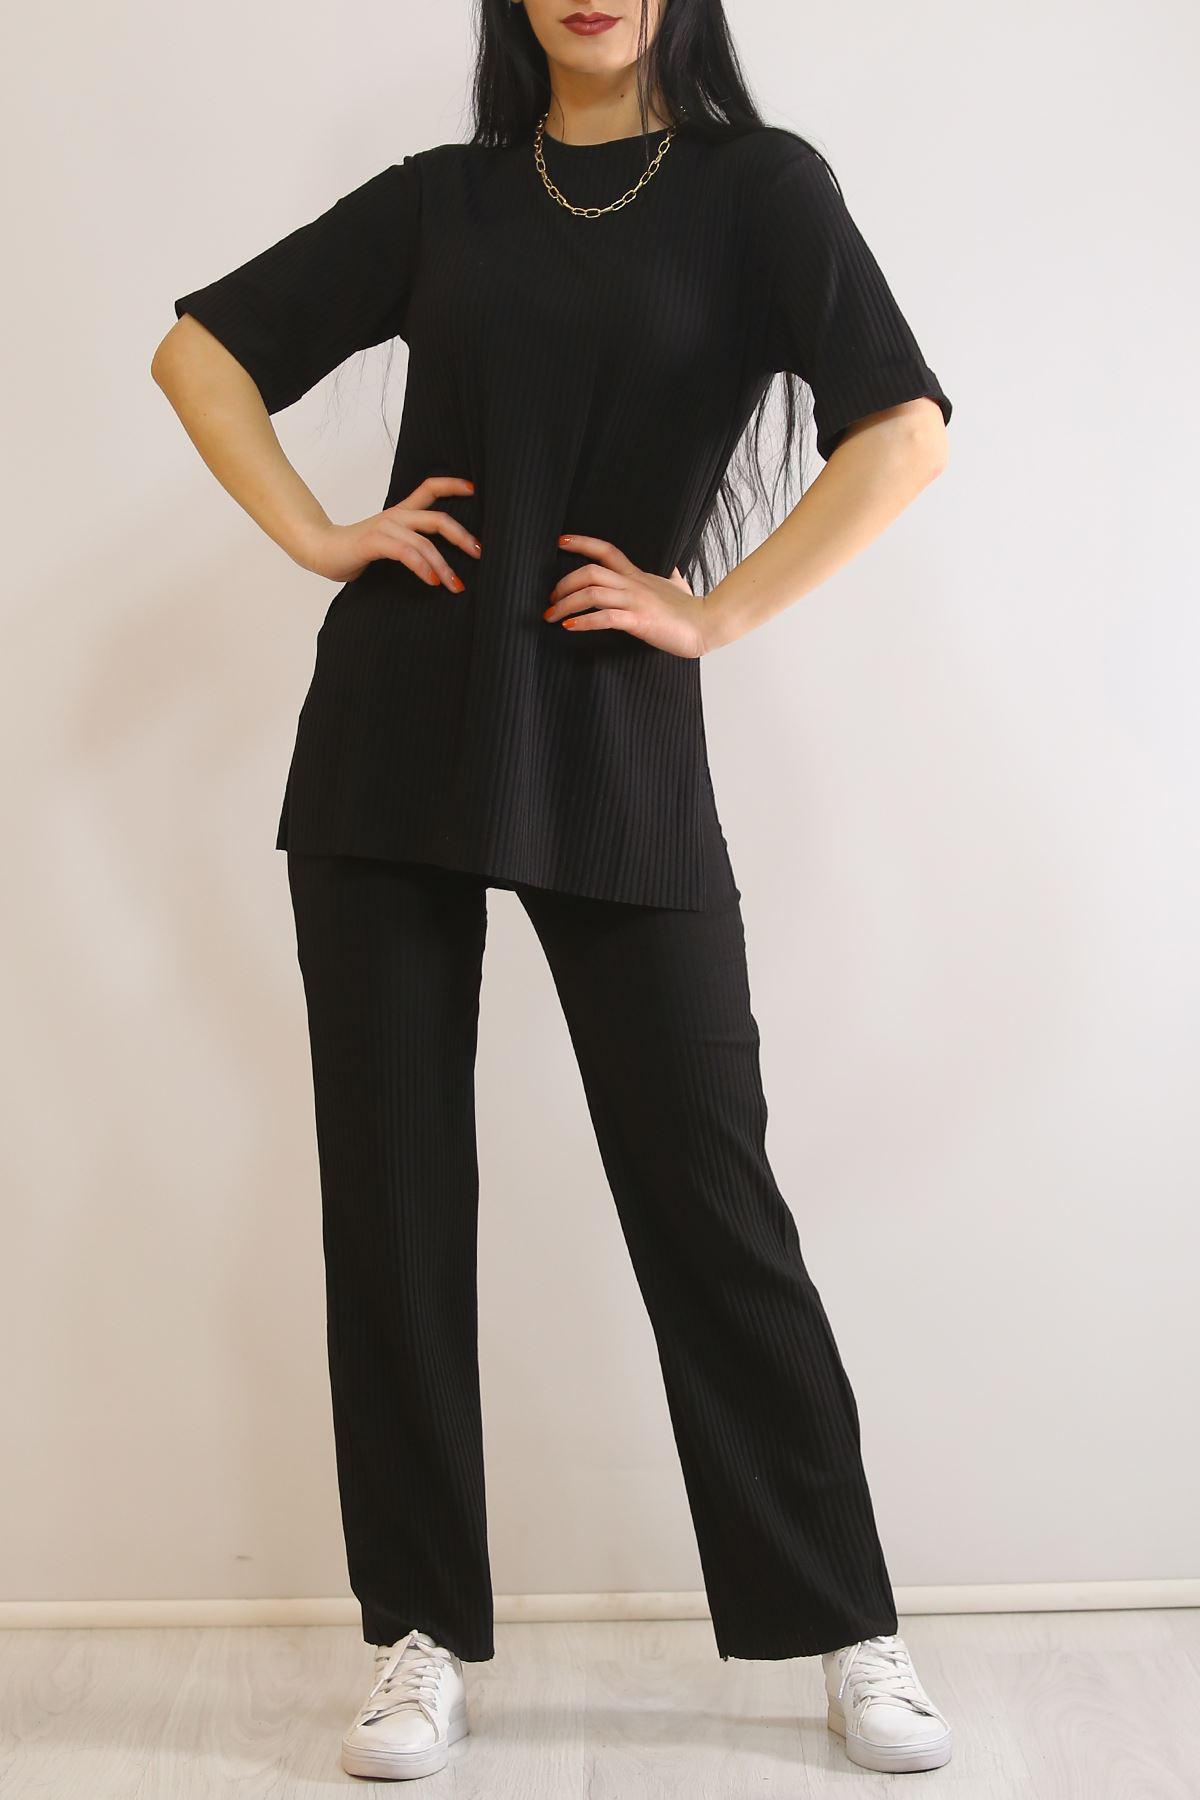 Yırtmaçlı Kadın Takım Siyah - 3685.1186.